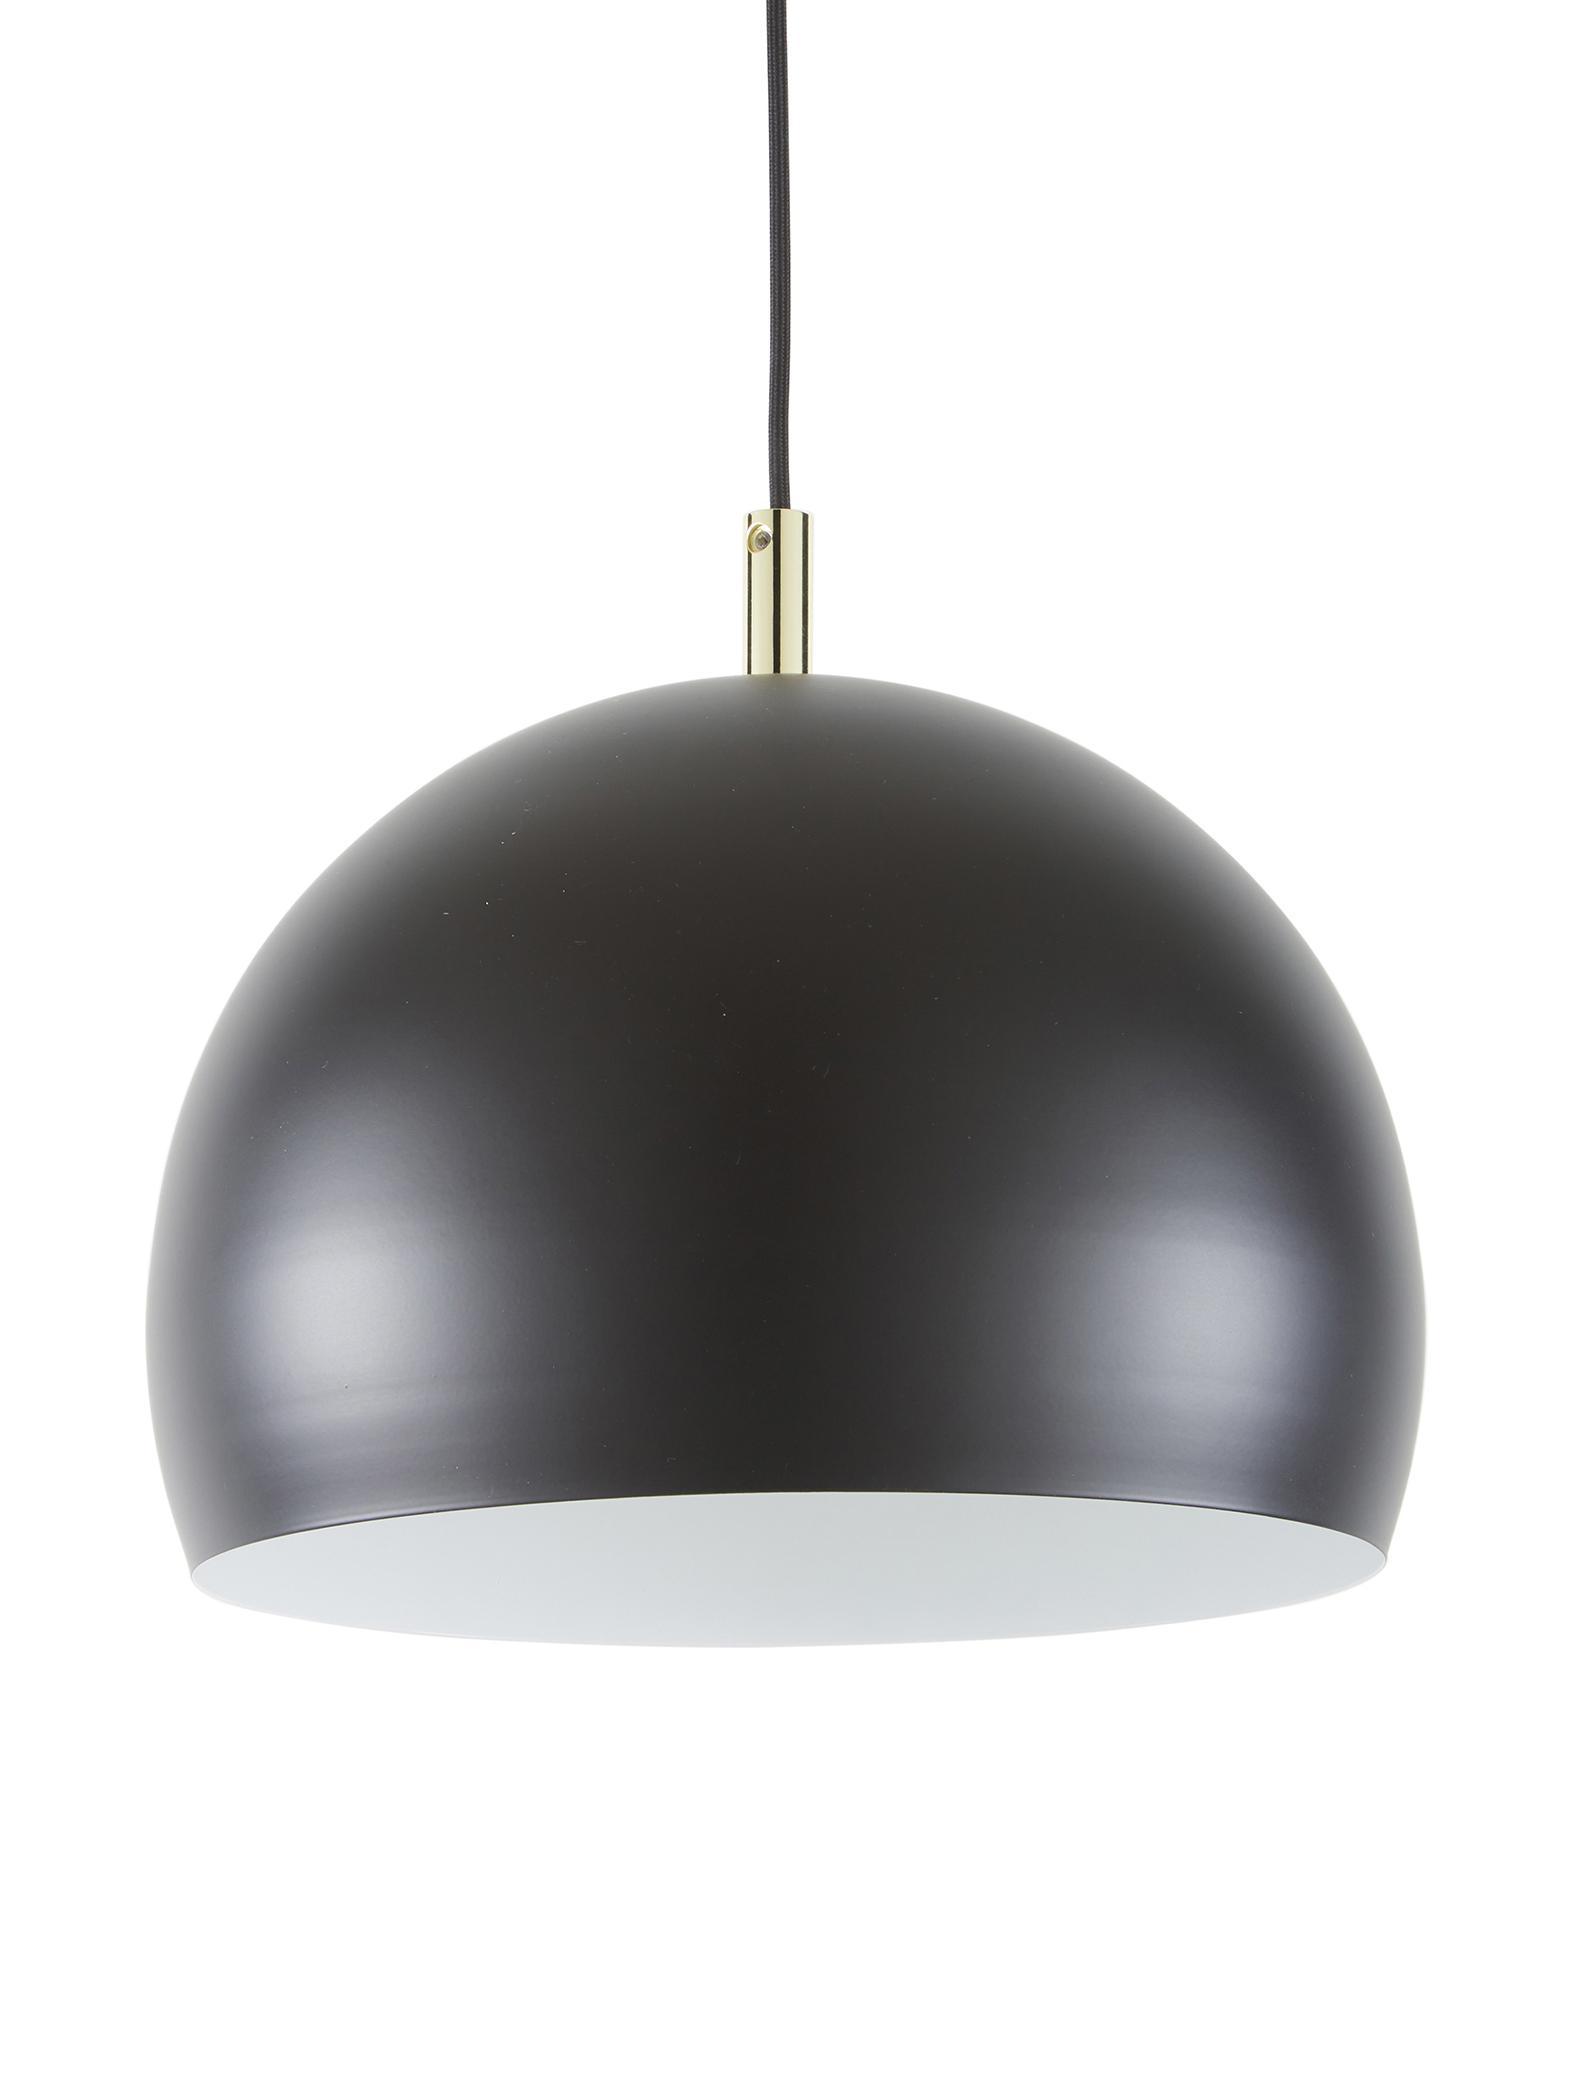 Lámpara de techo de metal Wilma, Pantalla: metal con pintura en polv, Anclaje: metal con pintura en polv, Cable: cubierto en tela, Negro, Ø 33 x Al 25 cm